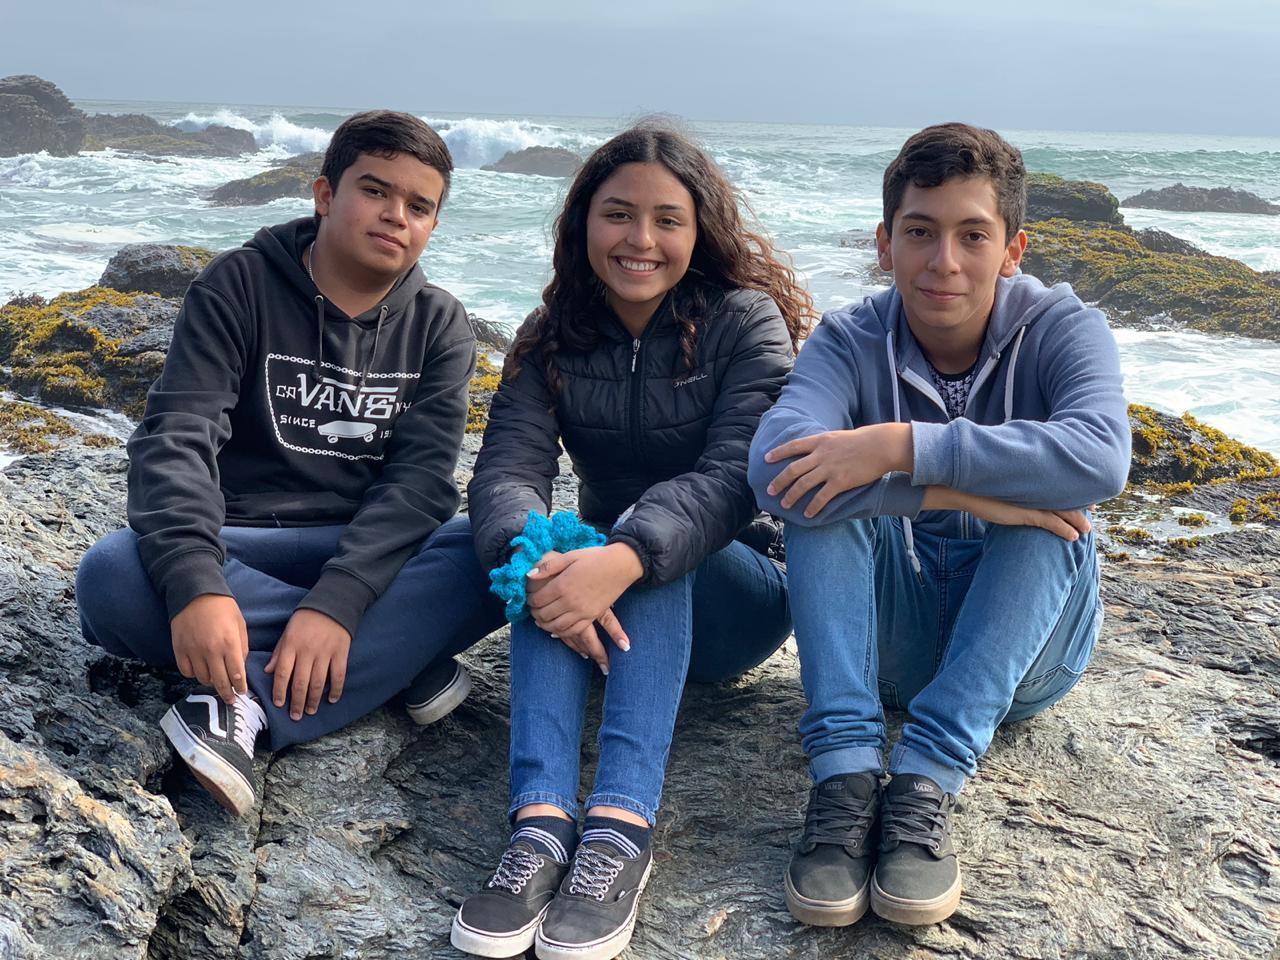 Estudiantes de la Región de O'Higgins visitan regiones de Chile gracias a Sernatur